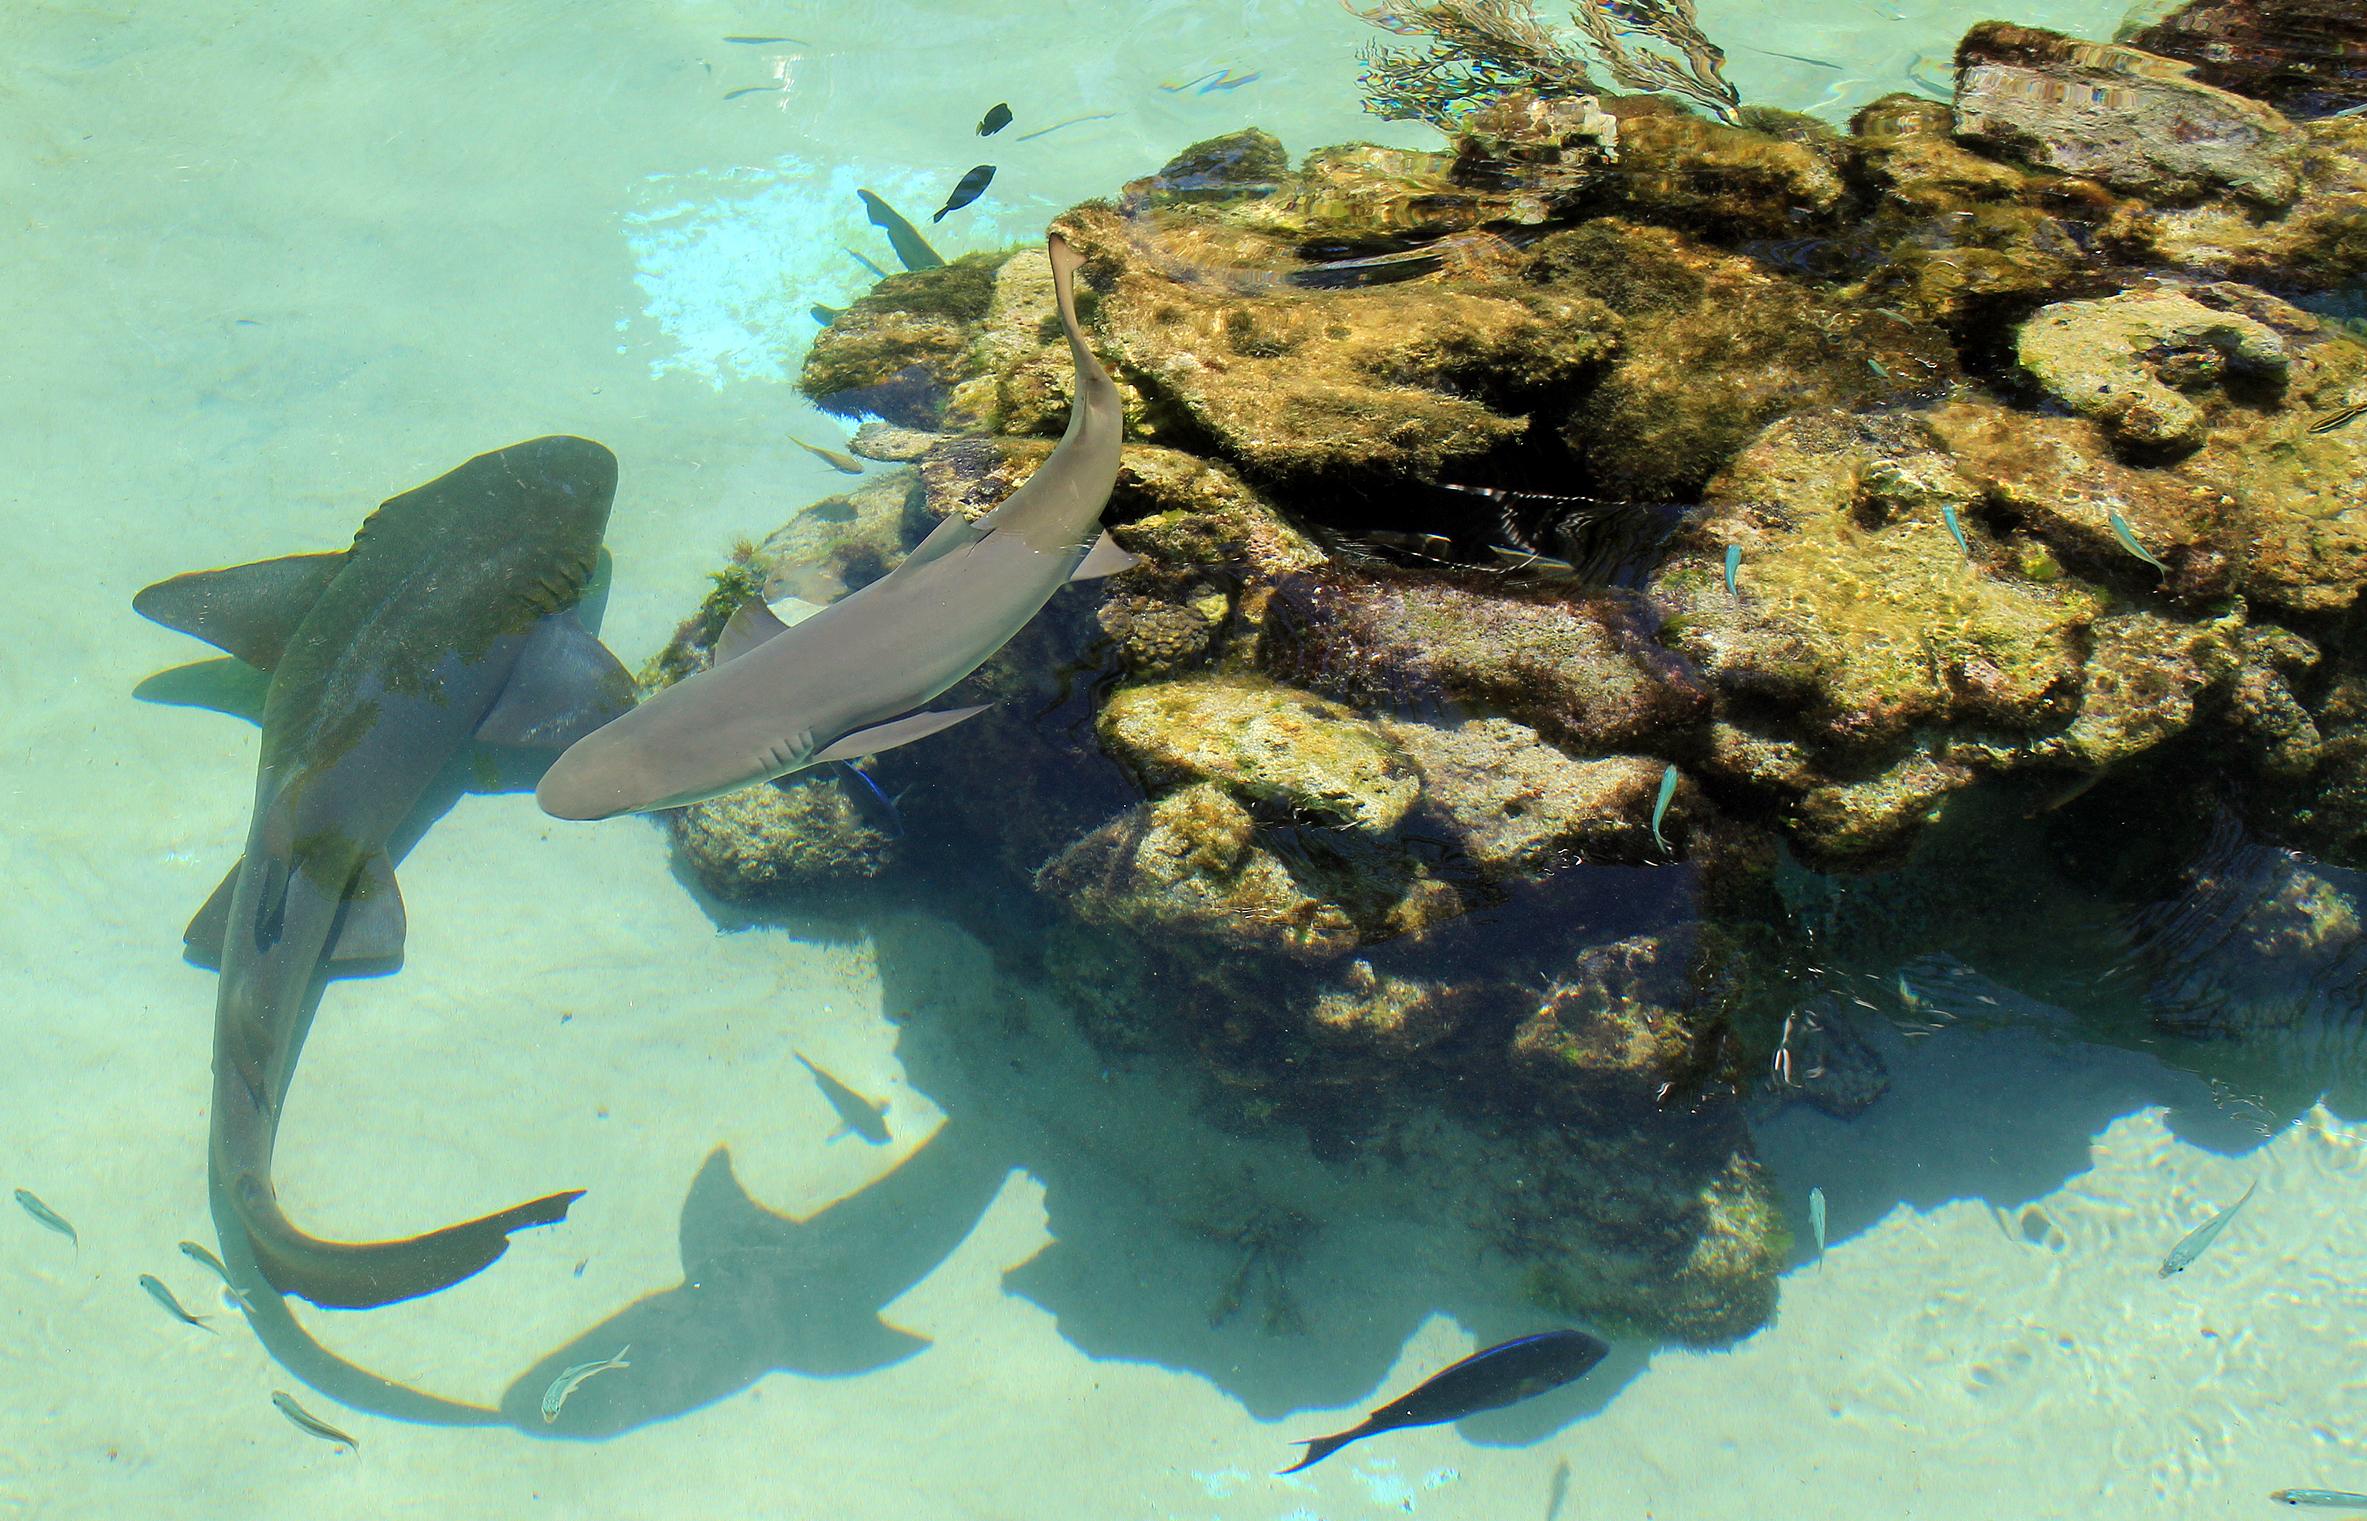 Coral World Shark Shallows (3)